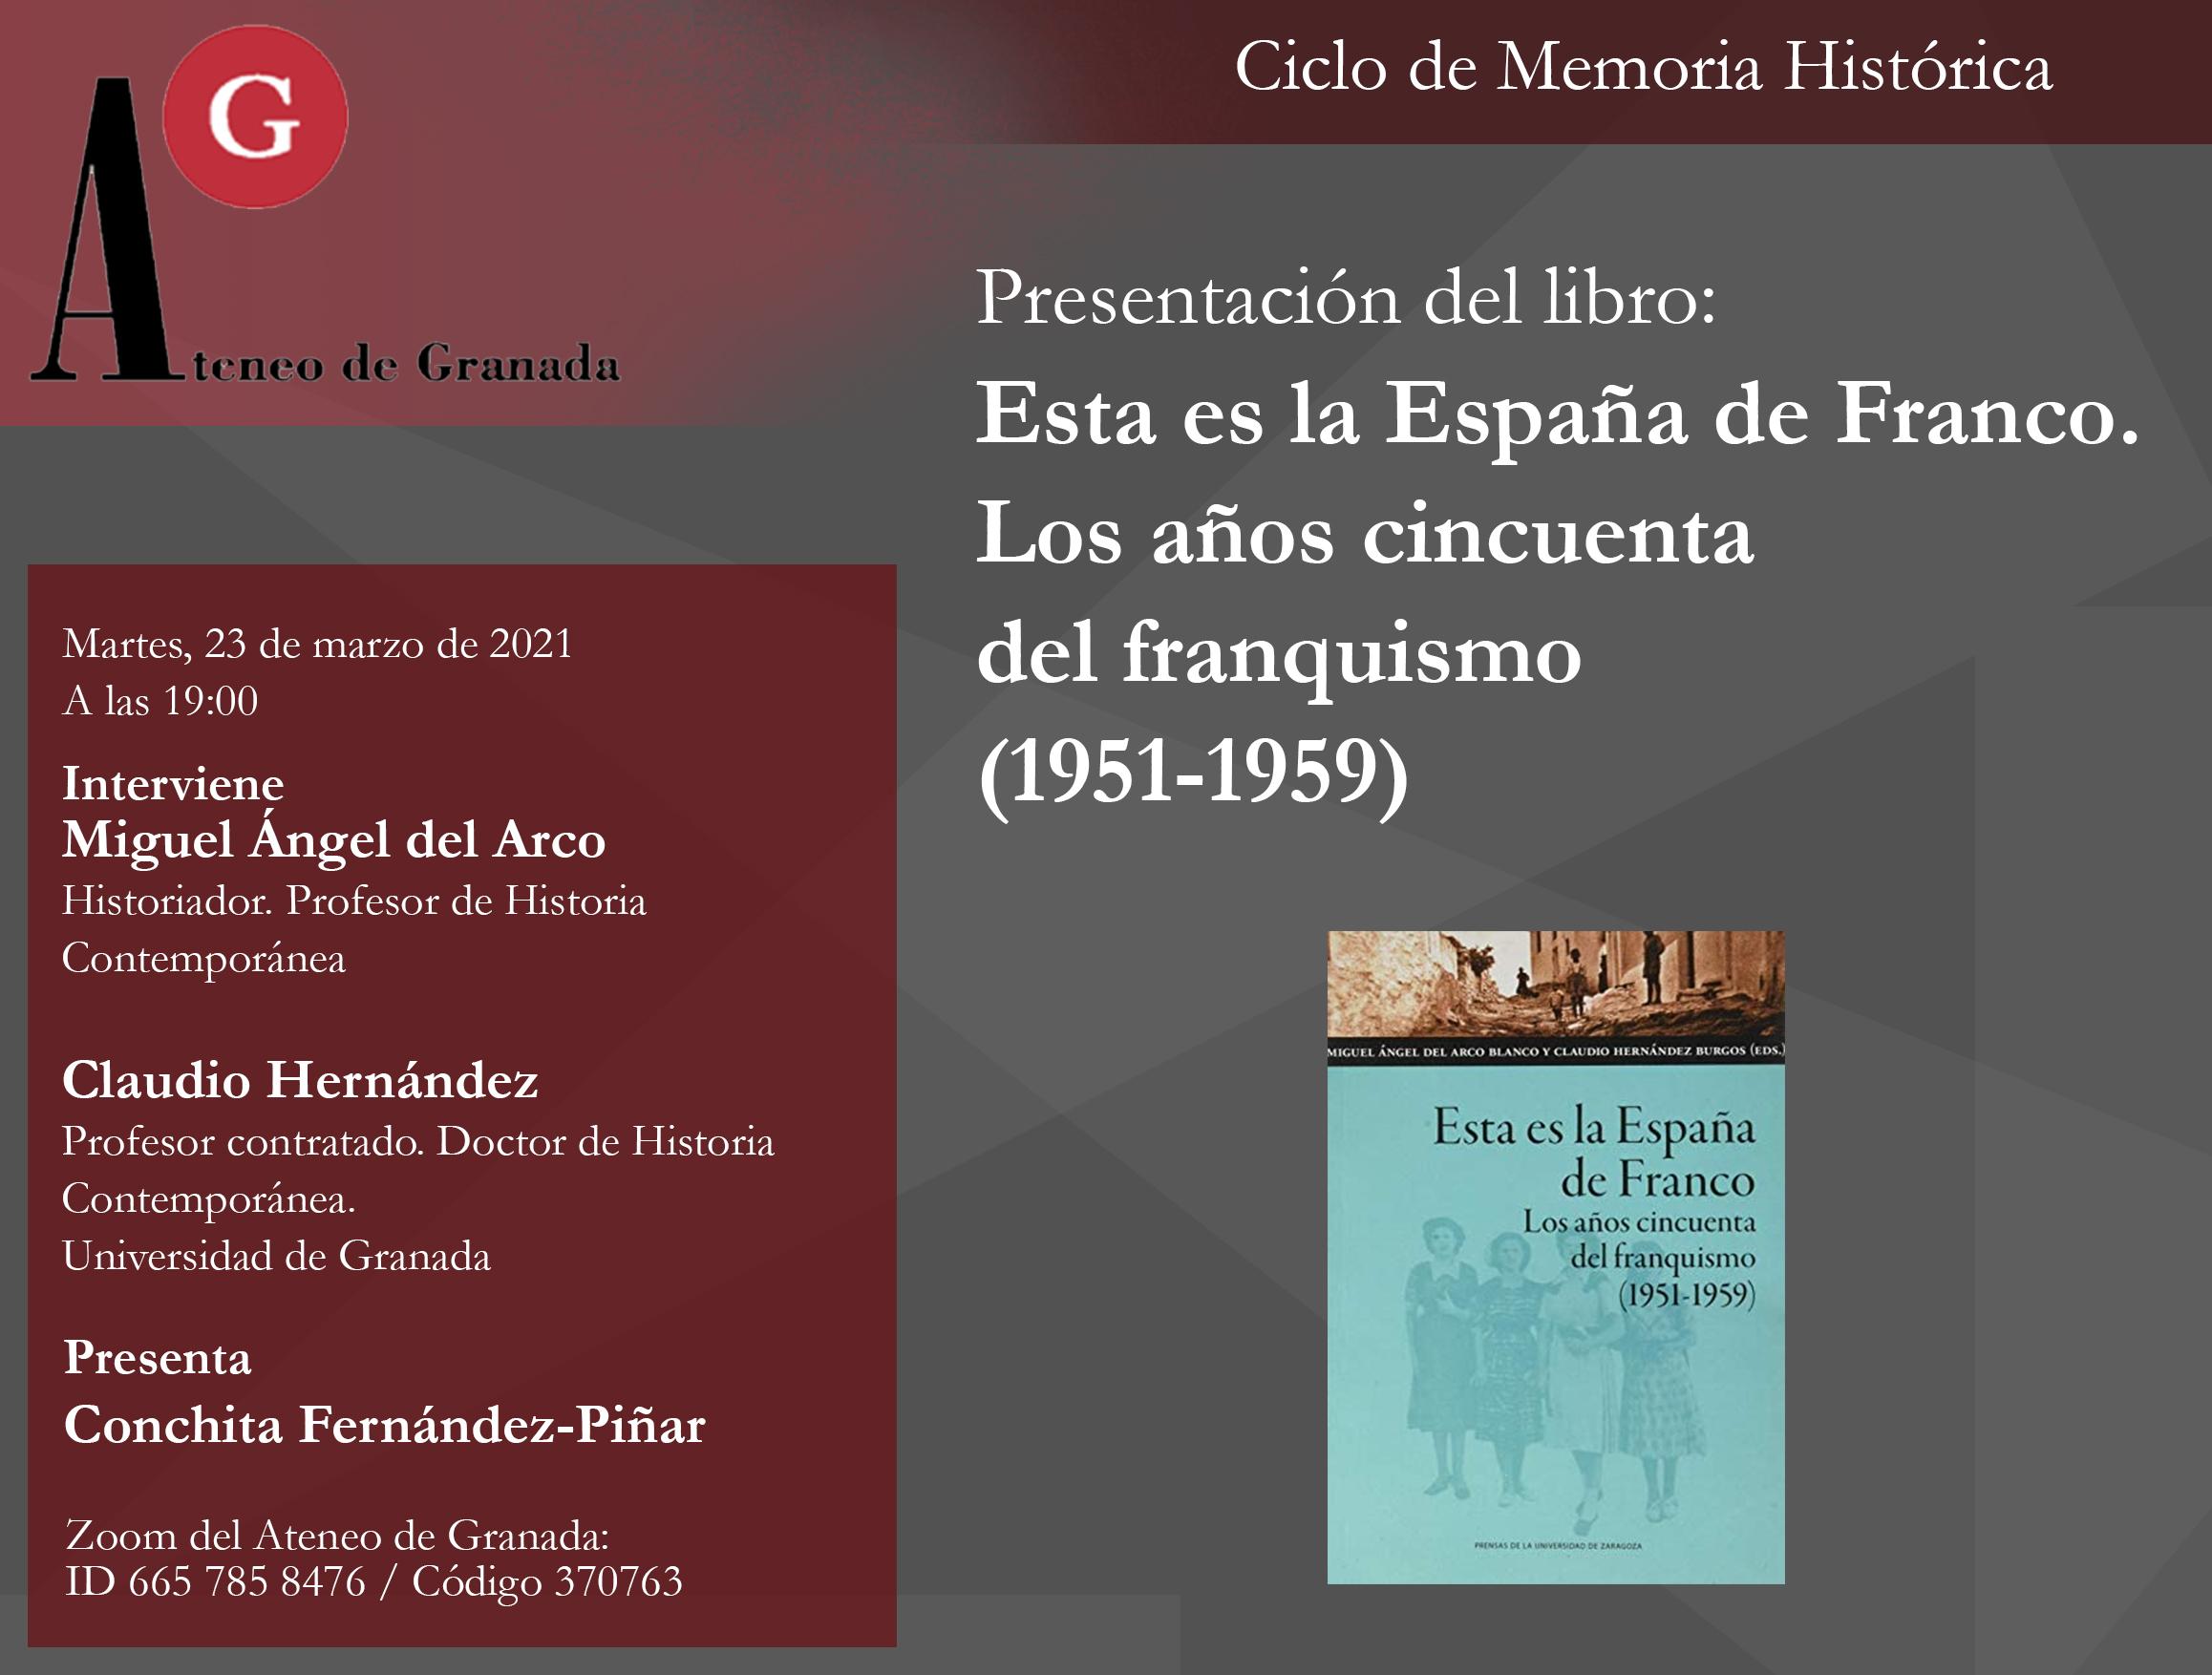 Presentación del libro «Esta es la España de Franco. Los años cincuenta del franquismo (1951-1959)»